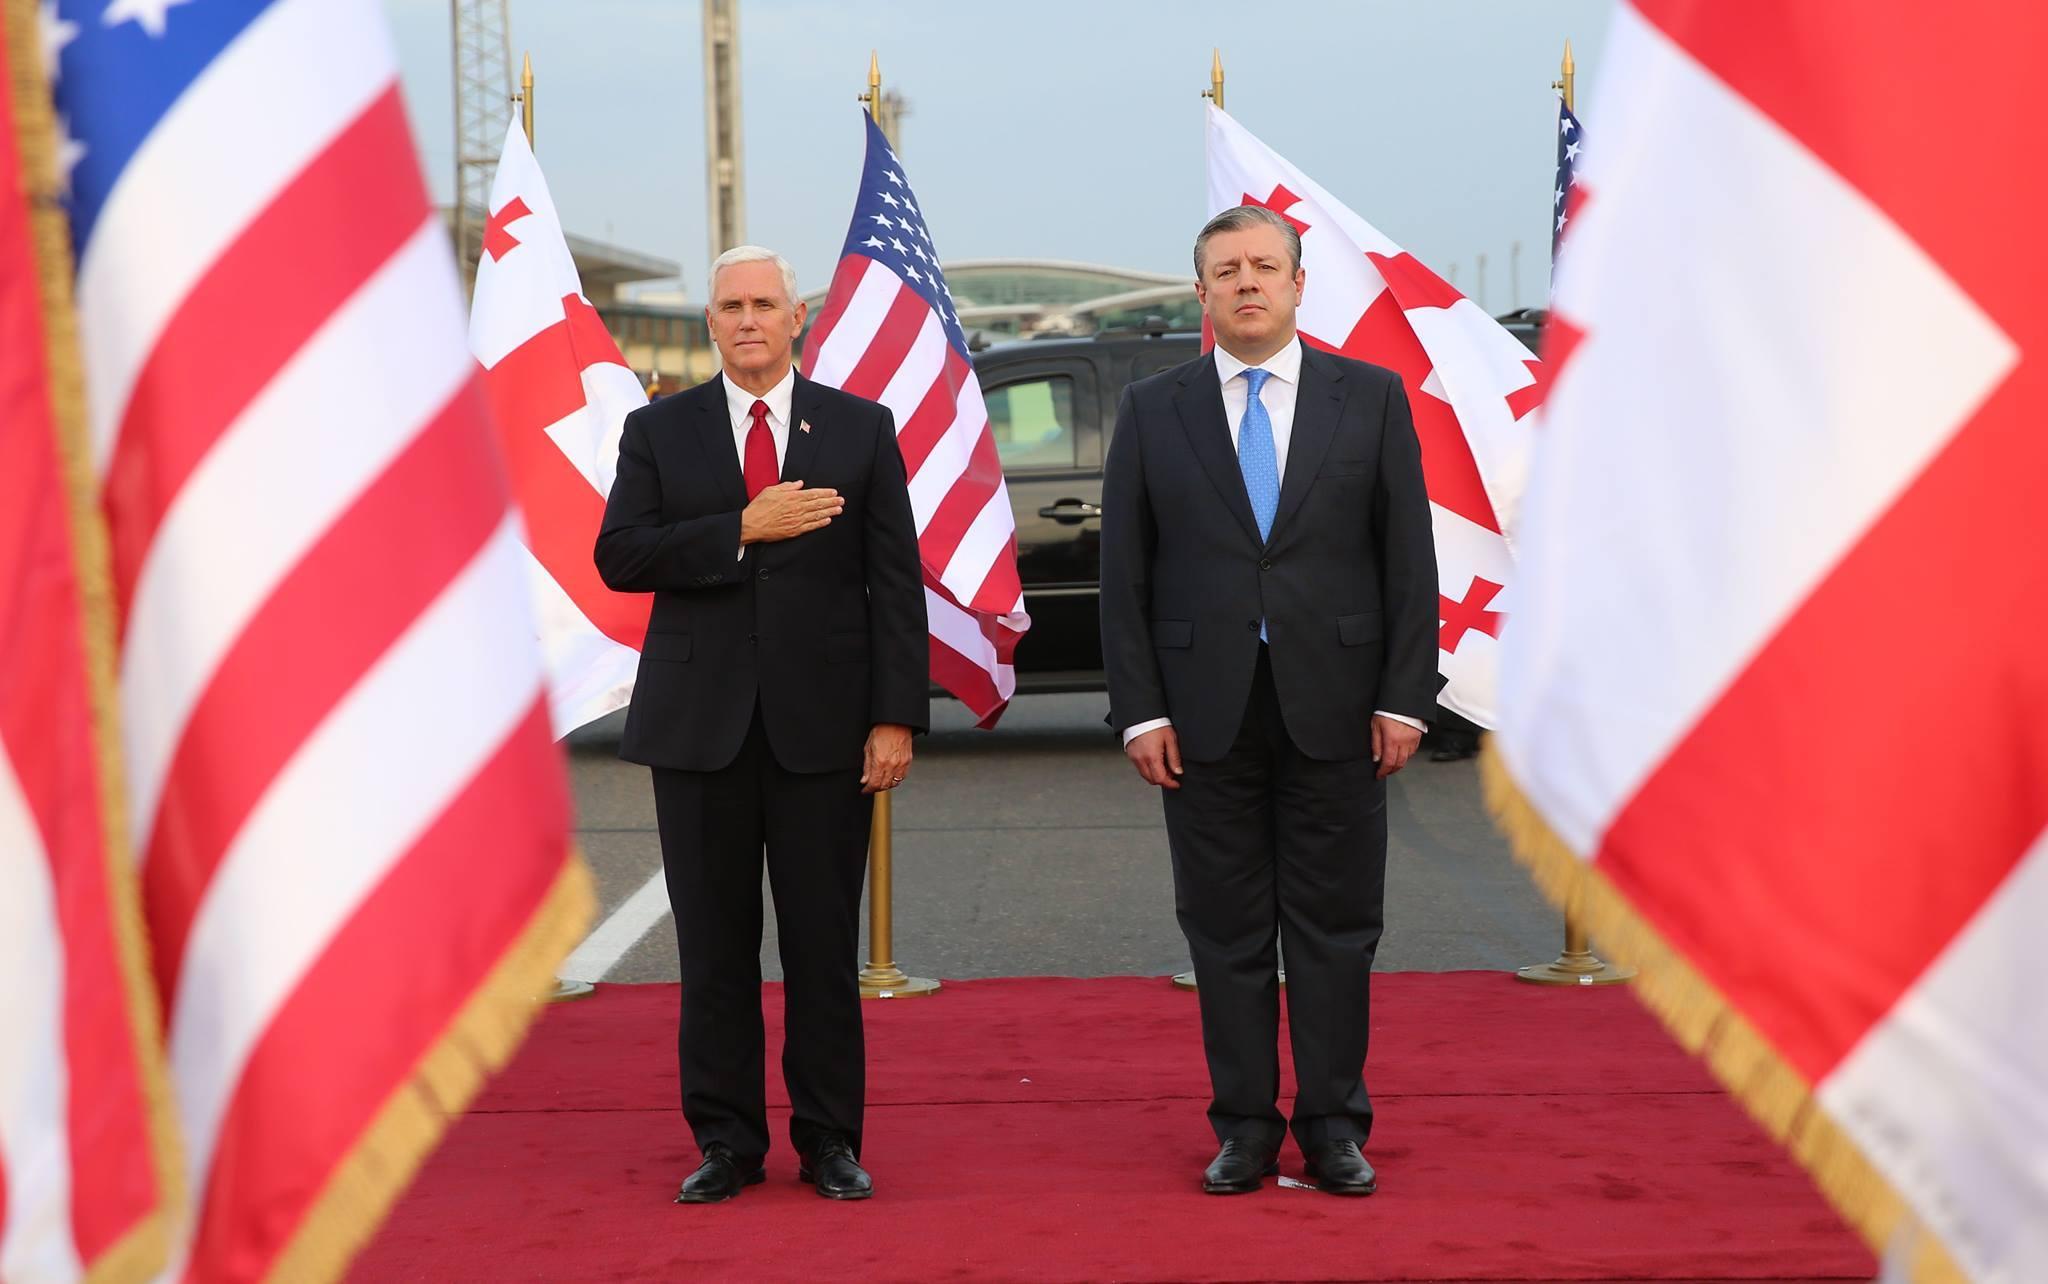 20449090 10203763824291594 928488252605485623 o #новости featured, визит, вице-президент США, Грузия, Майк Пенс